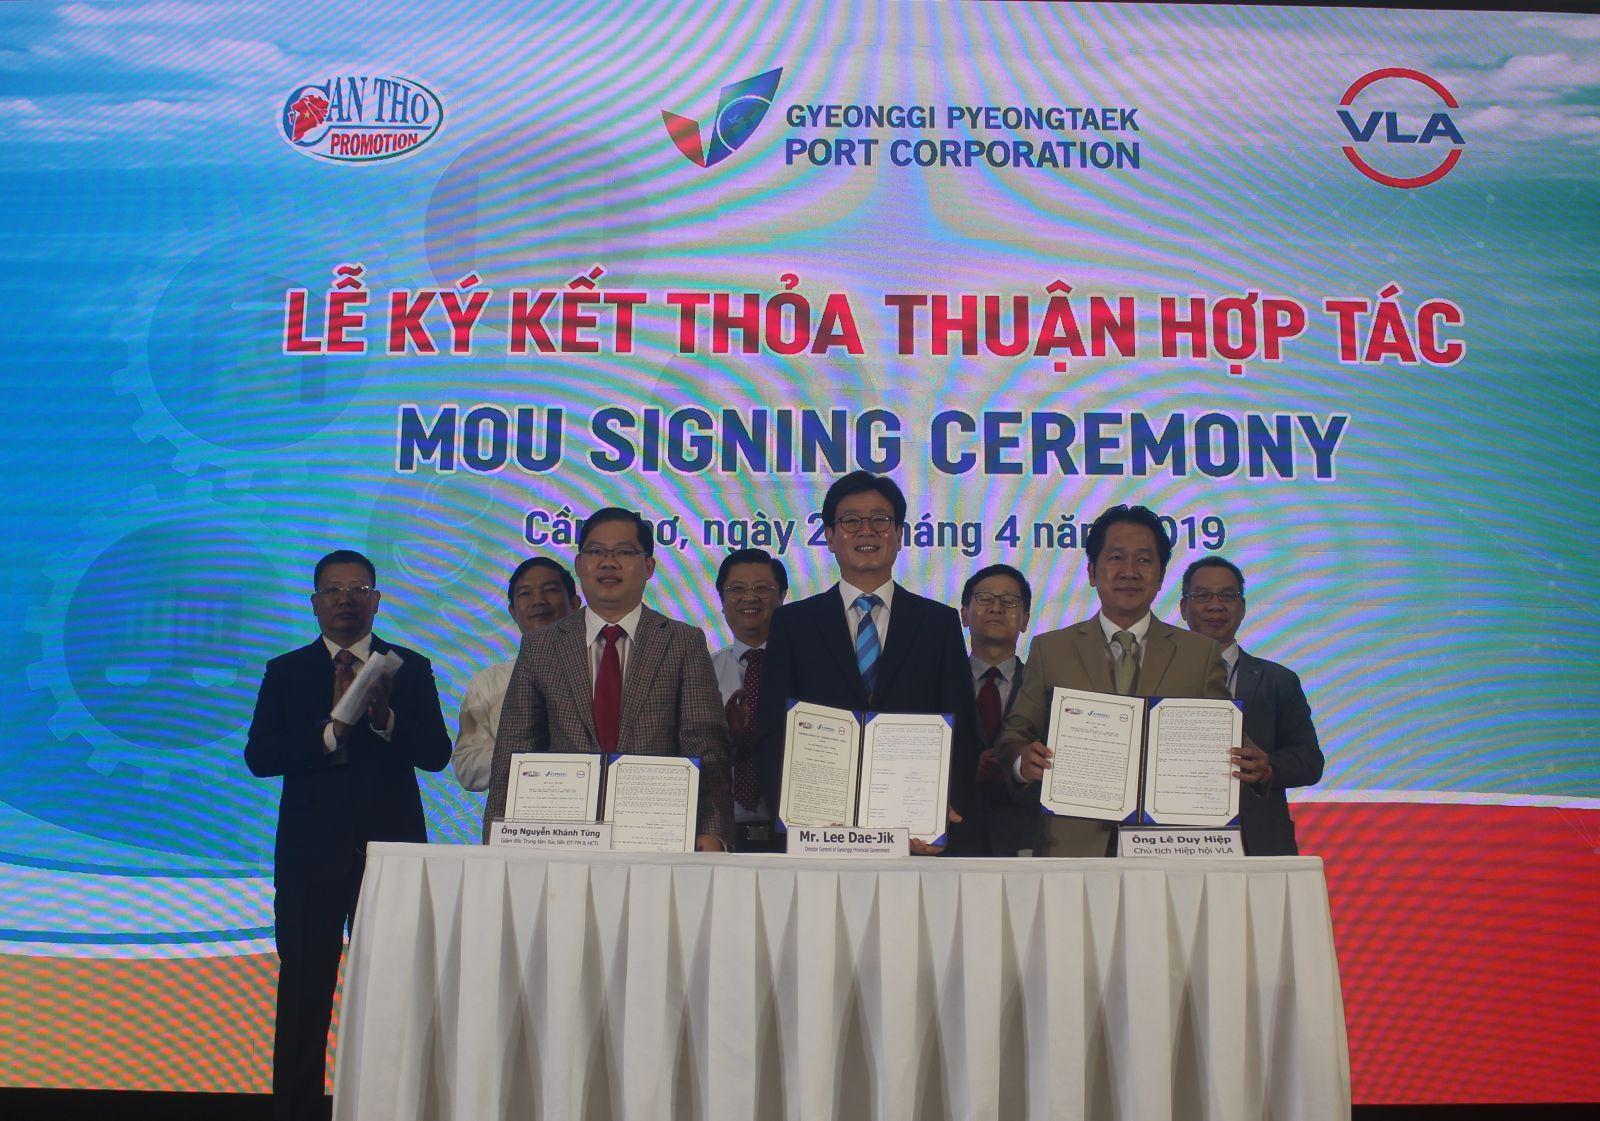 Trung tâm Xúc tiến Đầu tư - Thương mại và Hội chợ triển lãm Cần Thơ, Tổng công ty Cảng biển Pyeongtaek - Hàn Quốc và Hiệp hội Doanh nghiệp dịch vụ Logistics Việt Nam ký kết Thỏa thuận hợp tác ba bên nhằm thúc đẩy mối quan hệ giao thương và phát triển ngành logistics. Ảnh: MINH HUYỀN